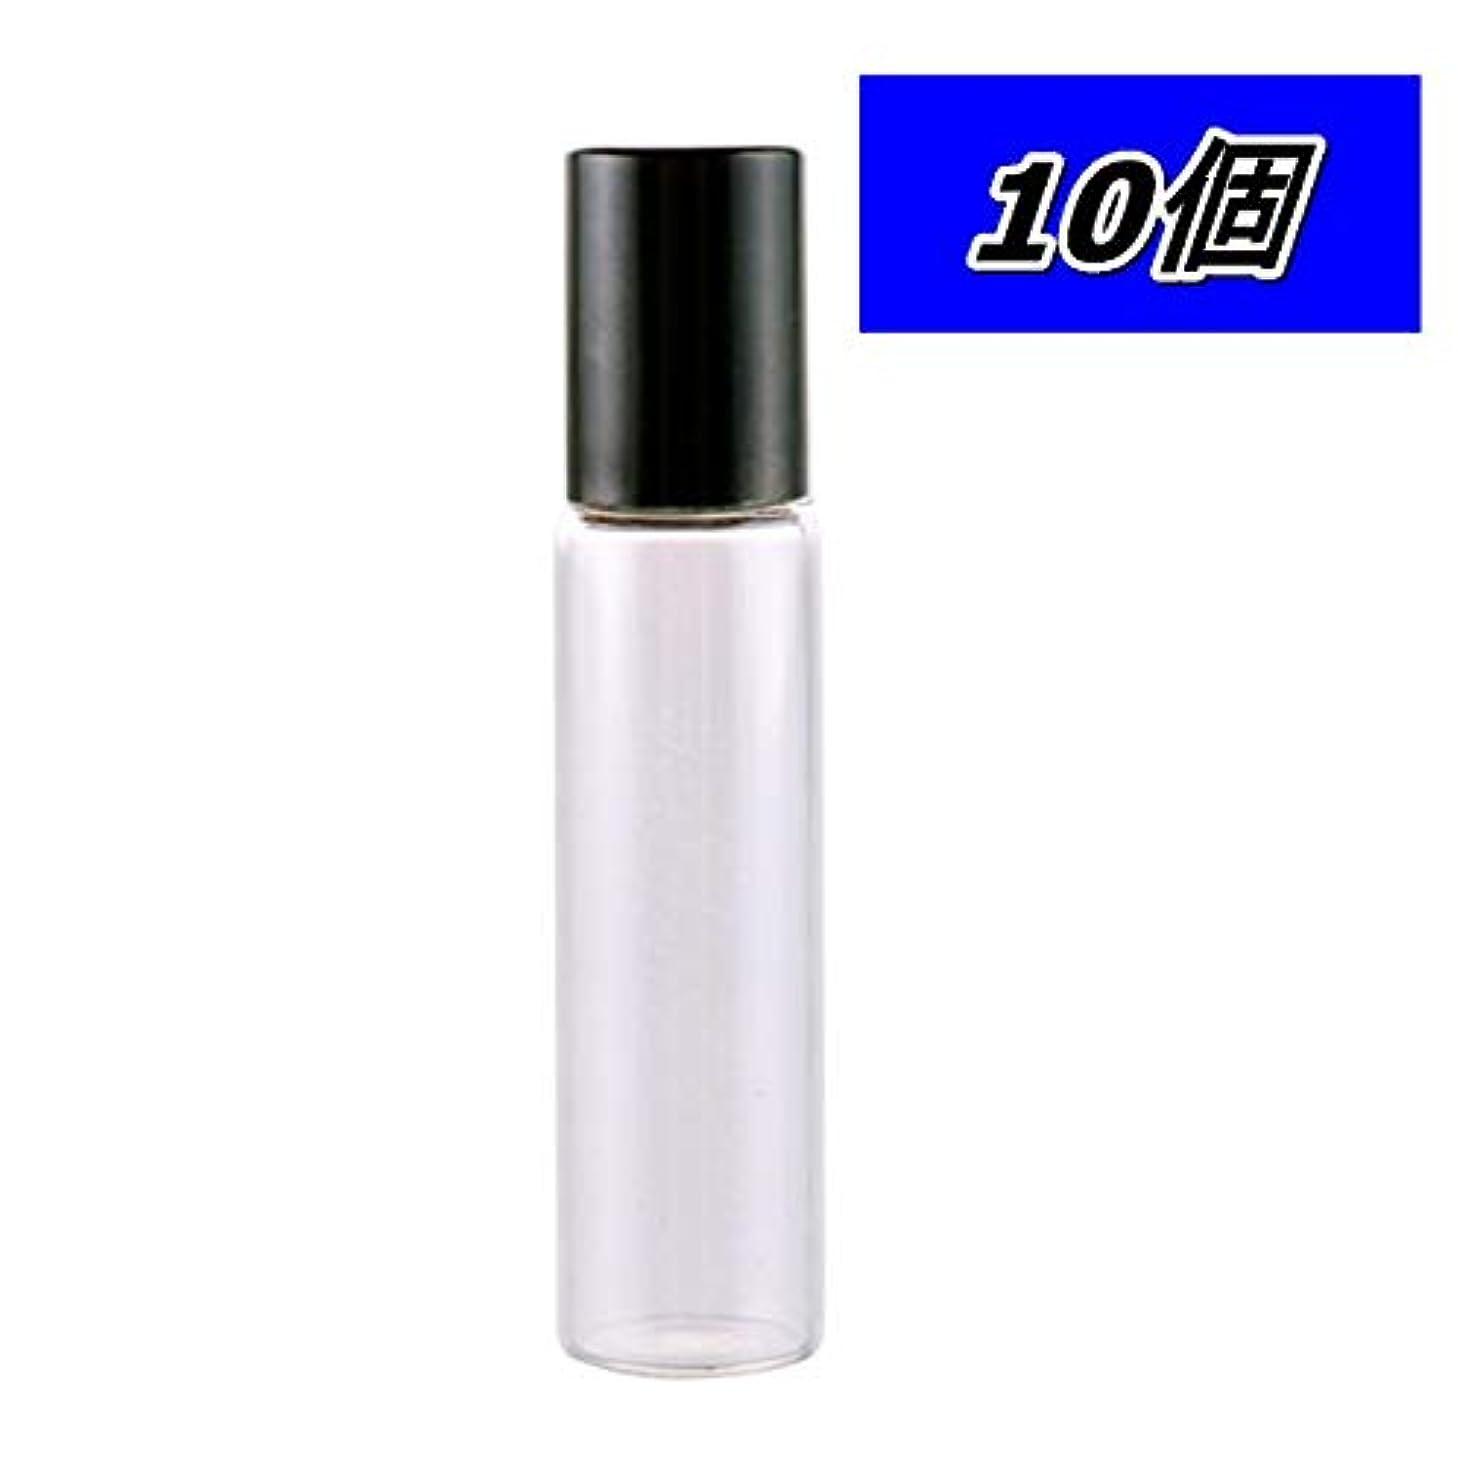 プログレッシブ変更称賛[SP] ロールオンボトル 容器 アロマ ボトル ガラス 瓶 透明 クリア 香水 小分け 持ち運び 10ml 10本 セット